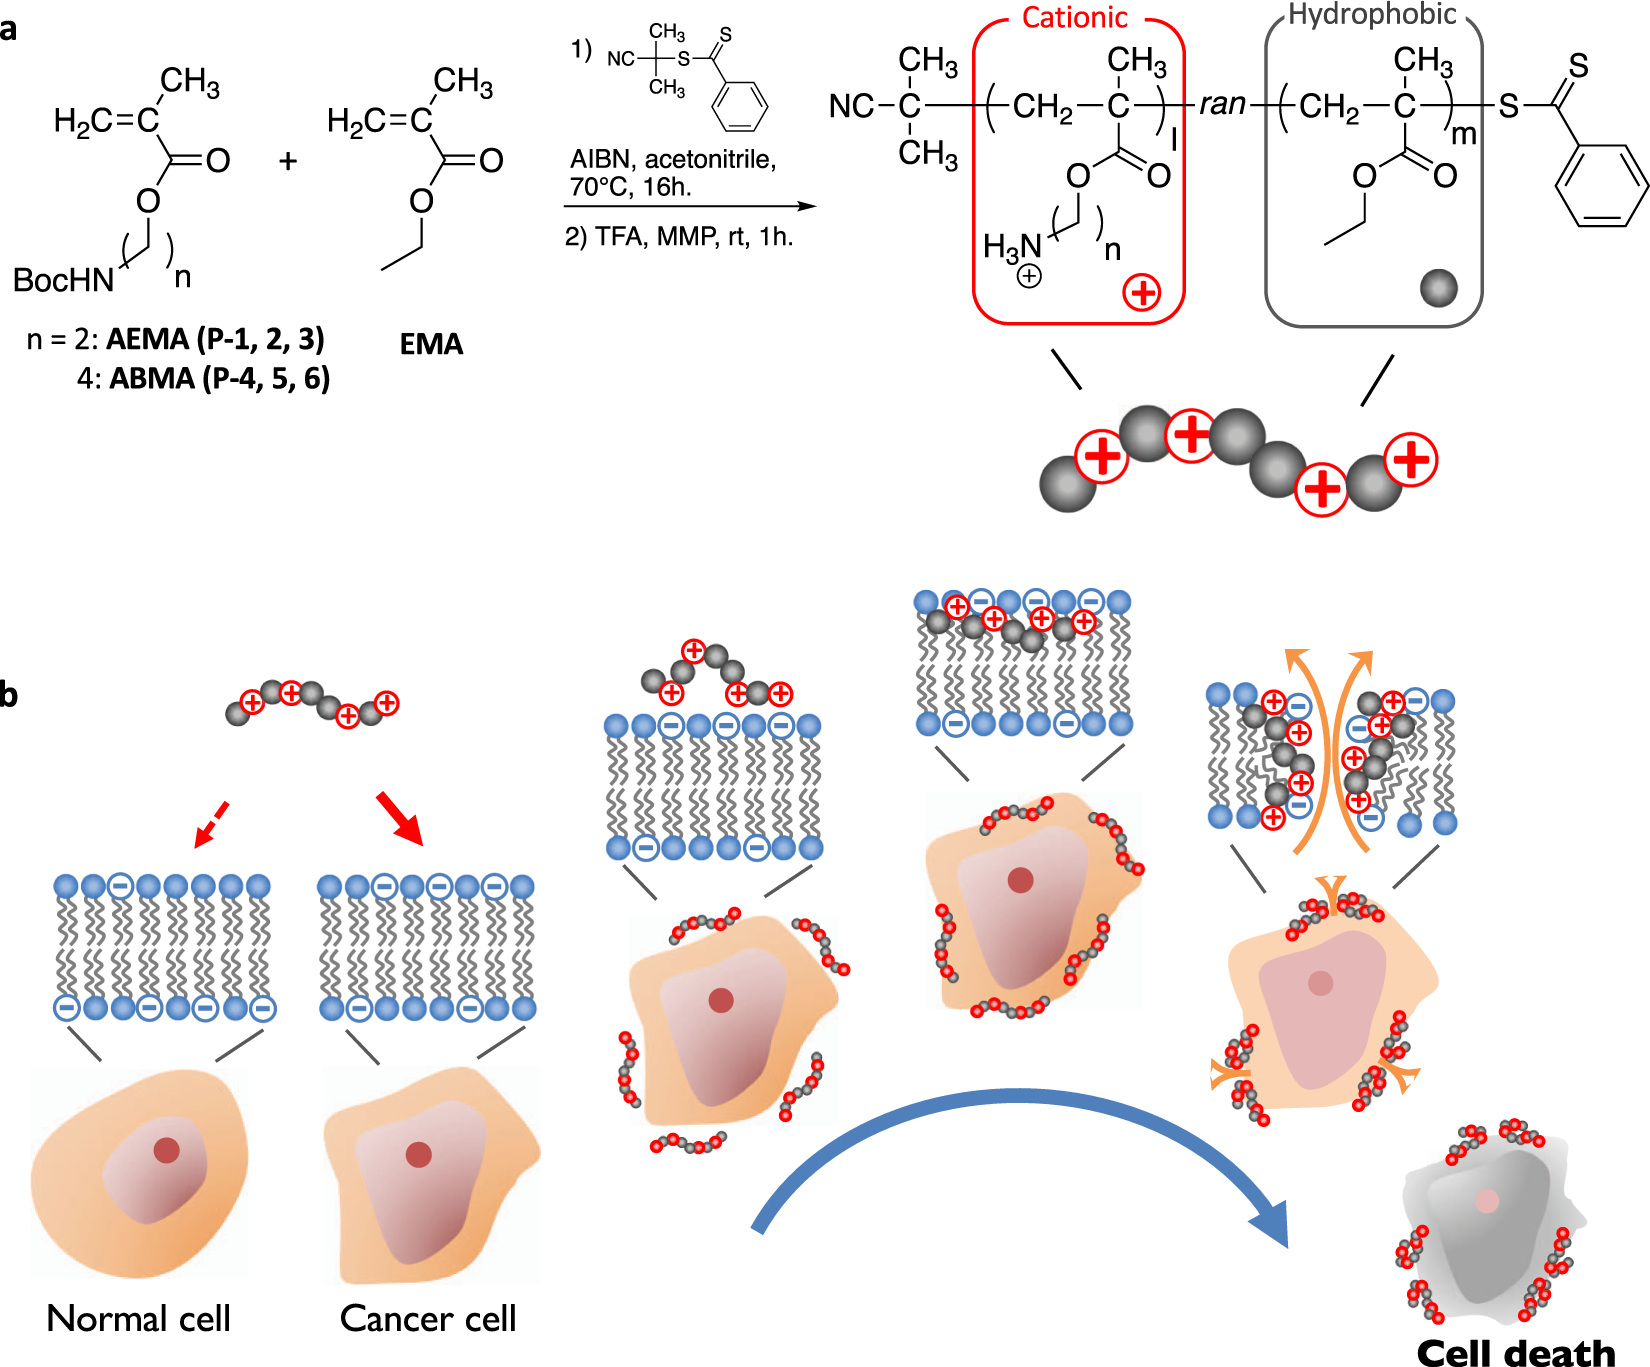 Anticancer polymers designed for killing dormant prostate cancer